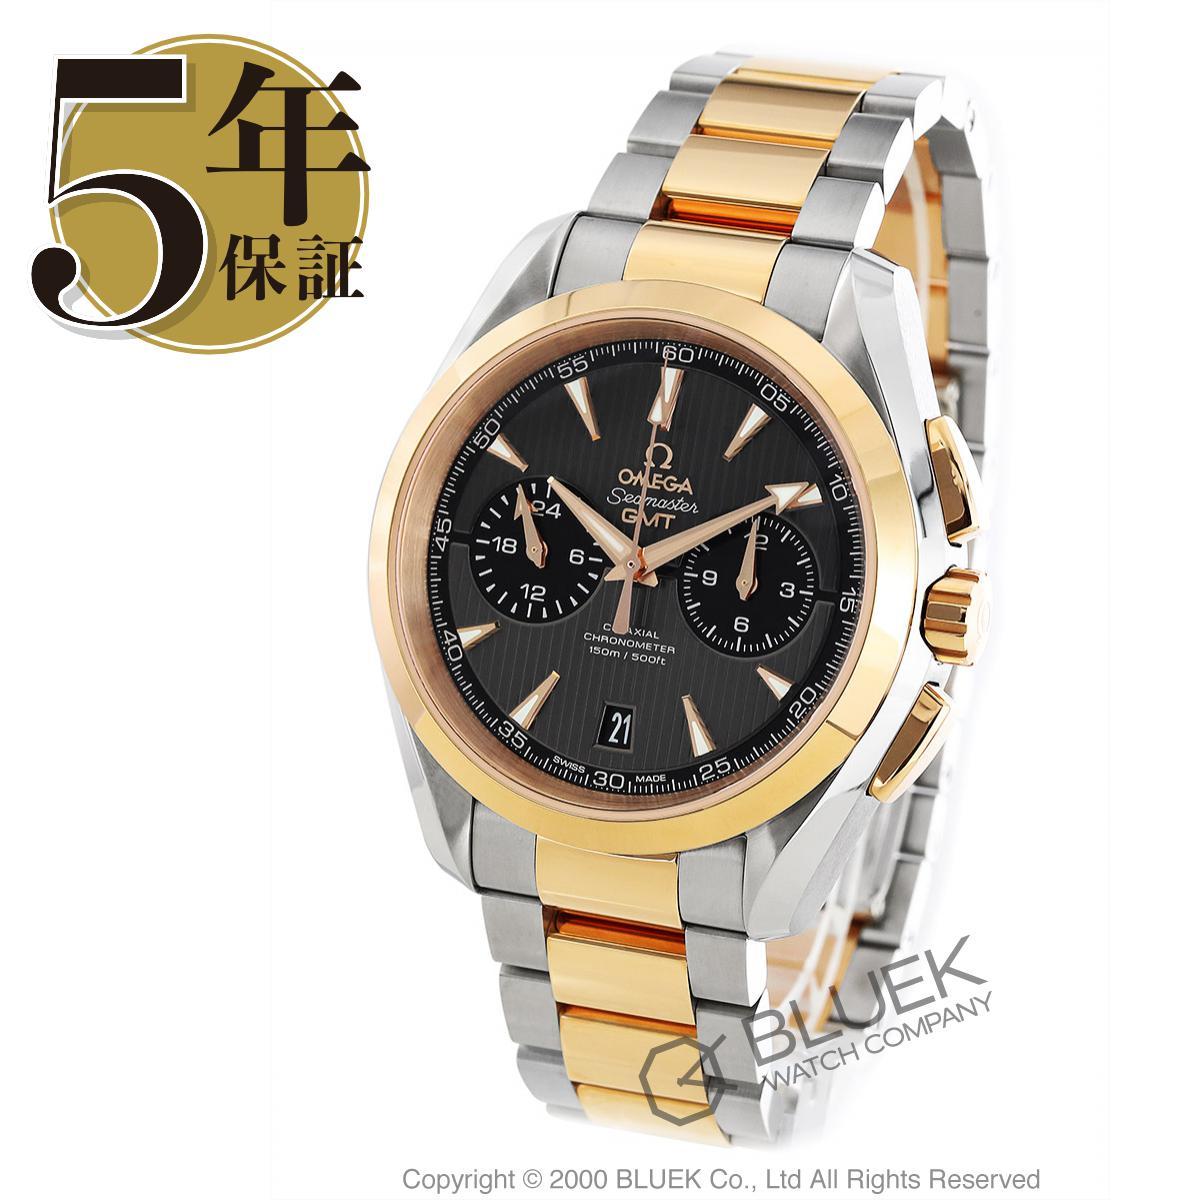 オメガ シーマスター アクアテラ クロノグラフ GMT 腕時計 メンズ OMEGA 231.20.43.52.06.001_5